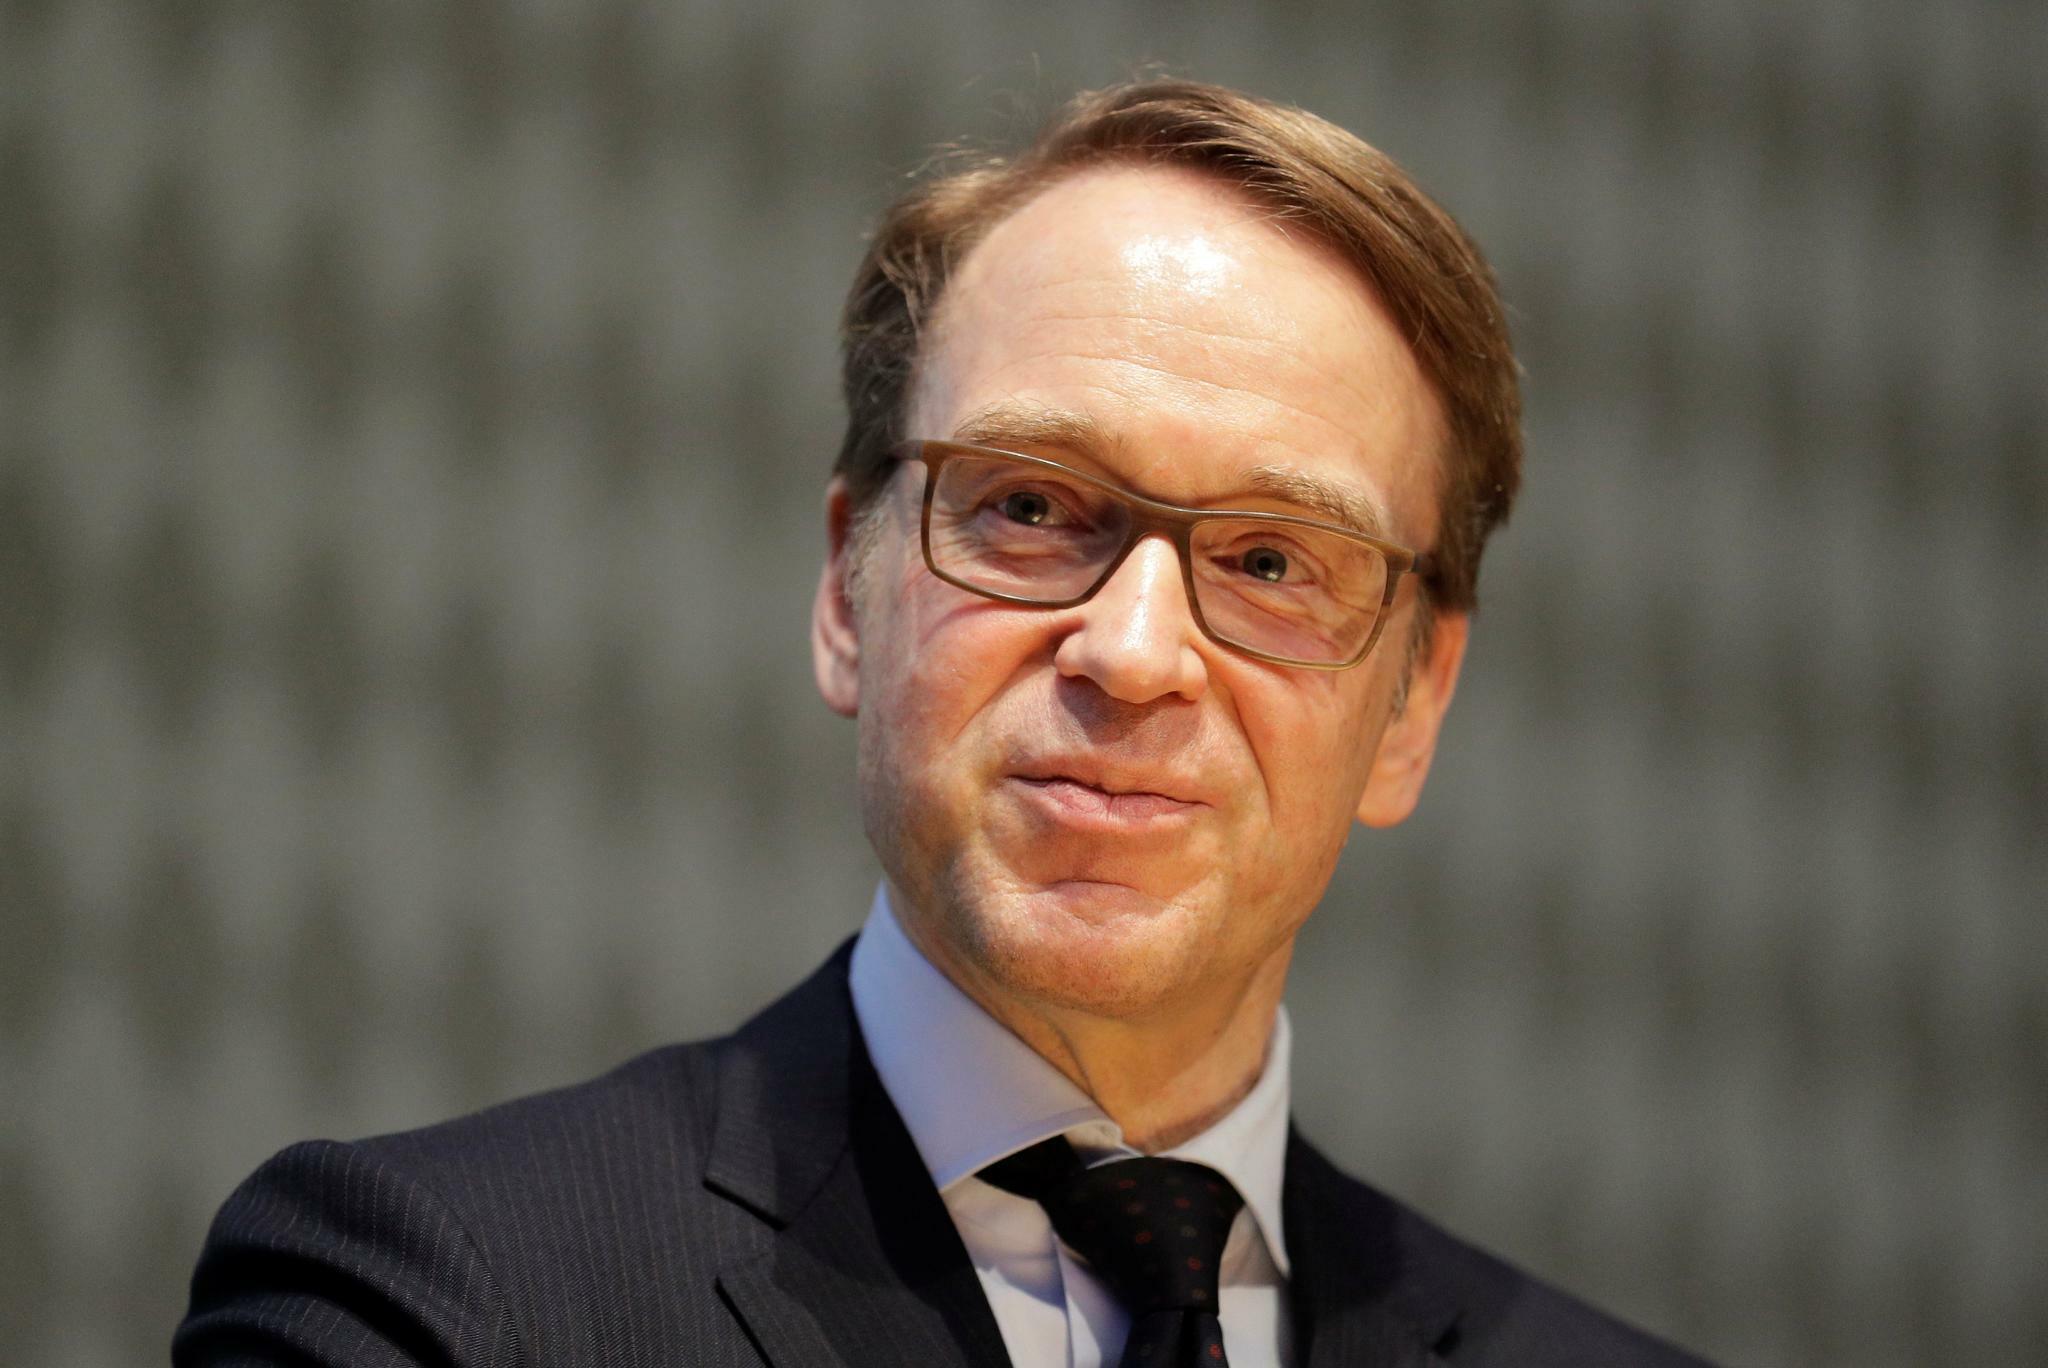 """Bundesbankpräsident Jens Weidmann: """"Natürlich sollte man aus der schwarzen Null keinen Fetisch machen"""""""